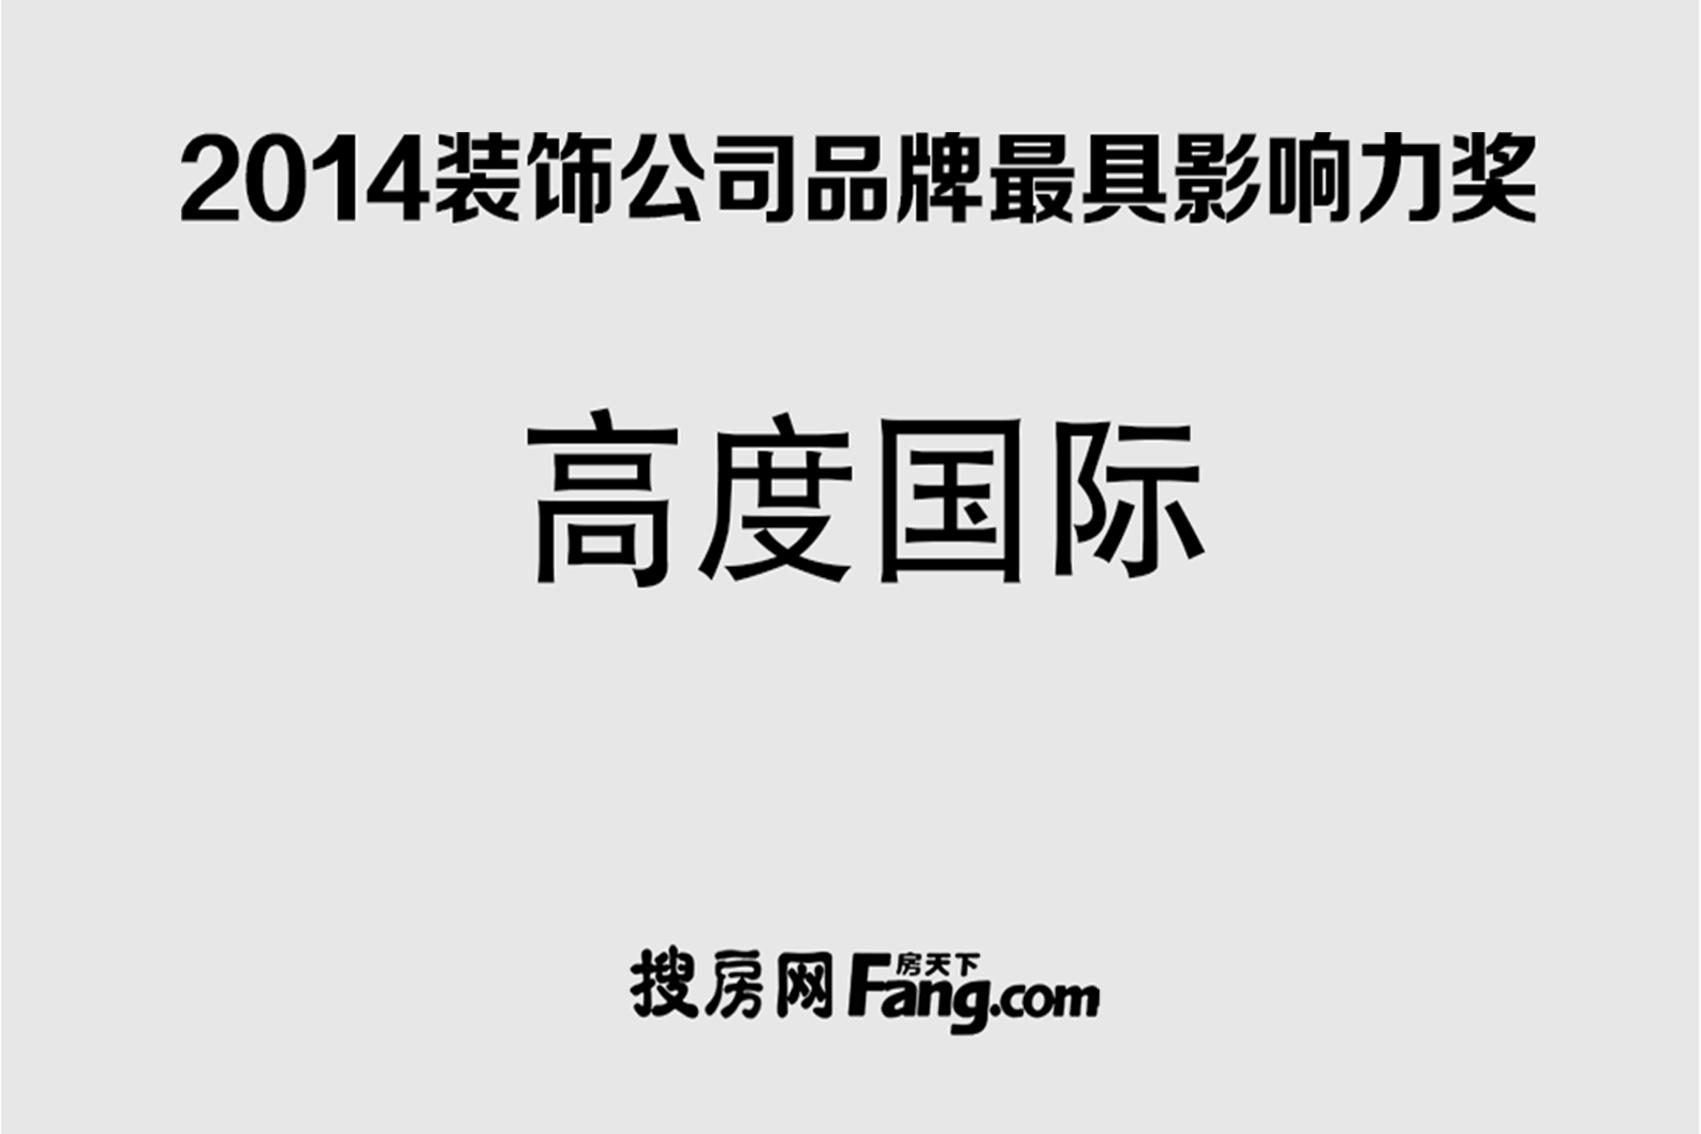 2014装饰公司品牌最具影响力奖-搜房